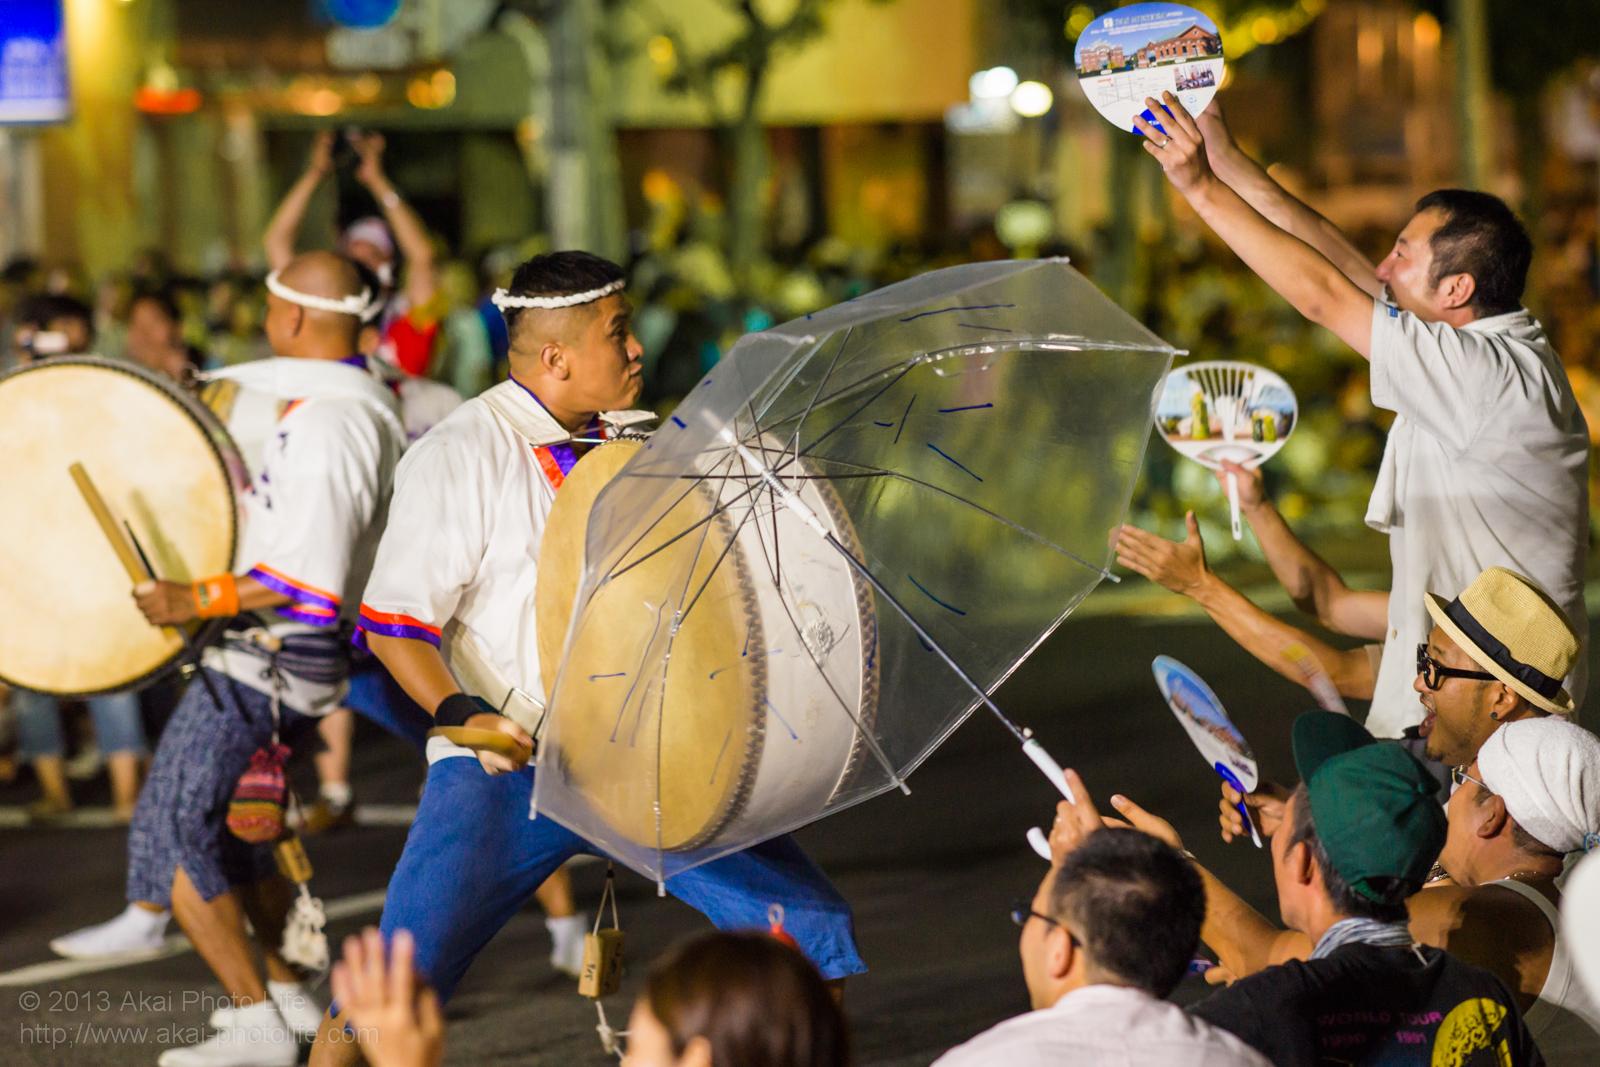 高円寺阿波踊り 小六の鳴り物